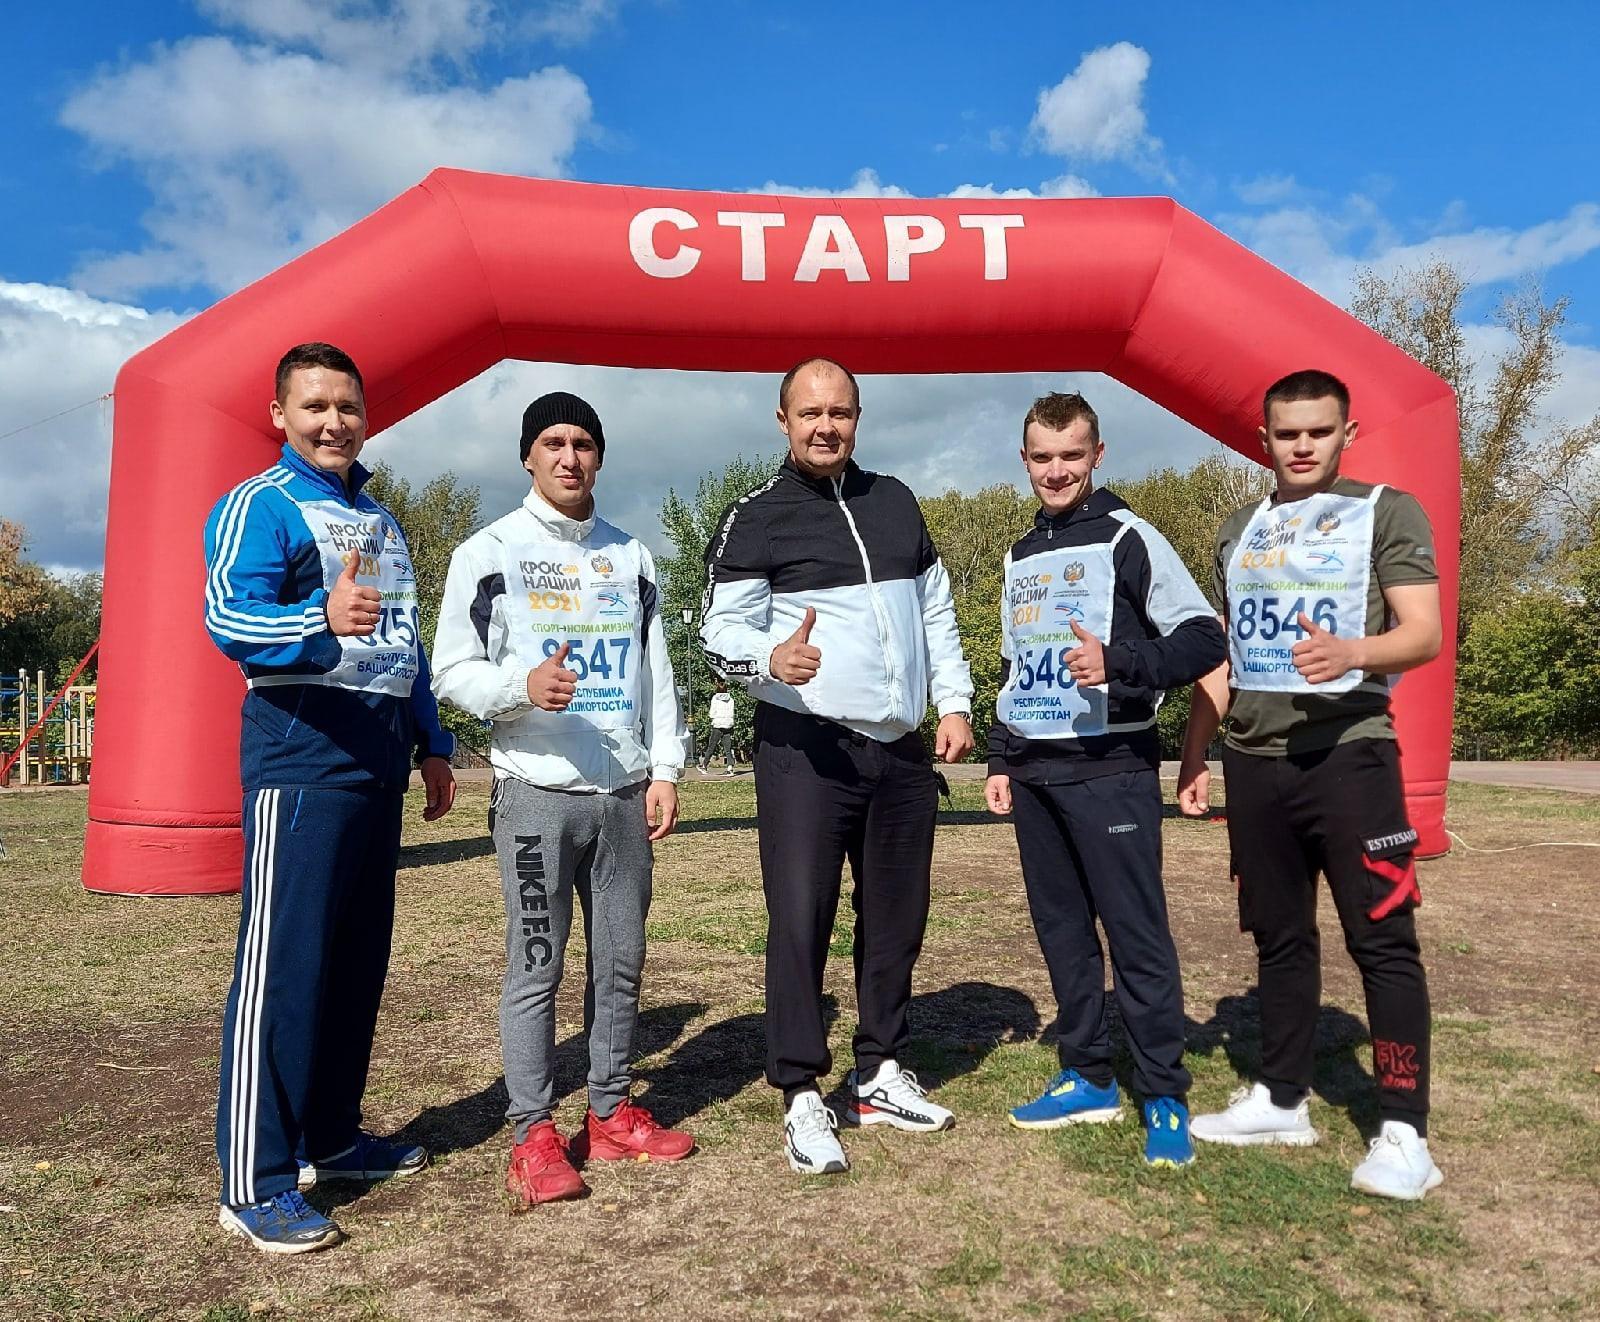 В Башкирии росгвардейцы приняли участие в забеге на полторы тысячи метров